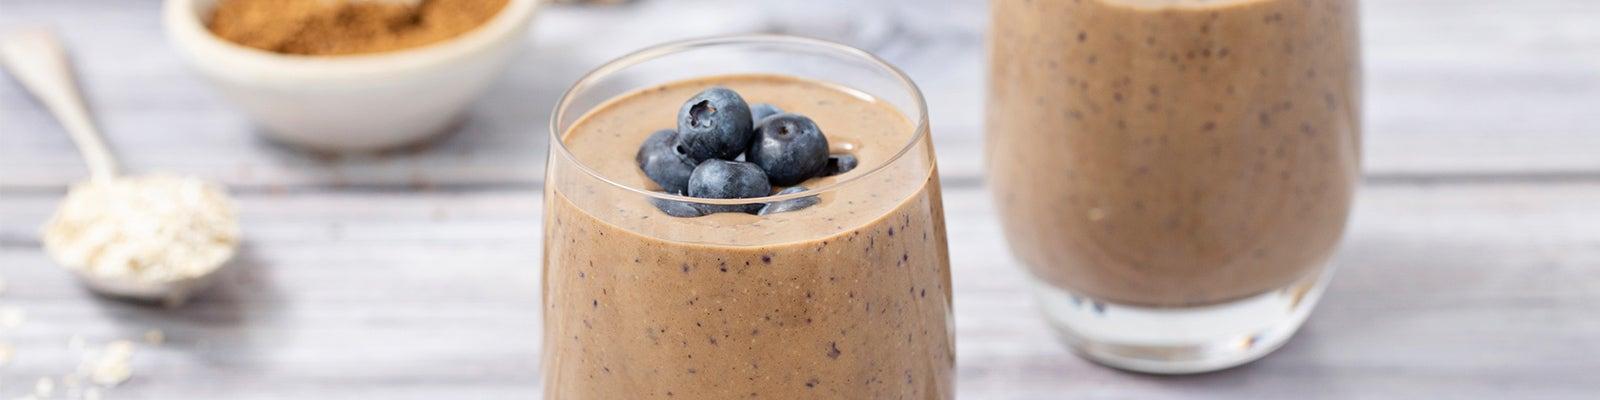 blueberry-smoothie-recipe-header-desktop